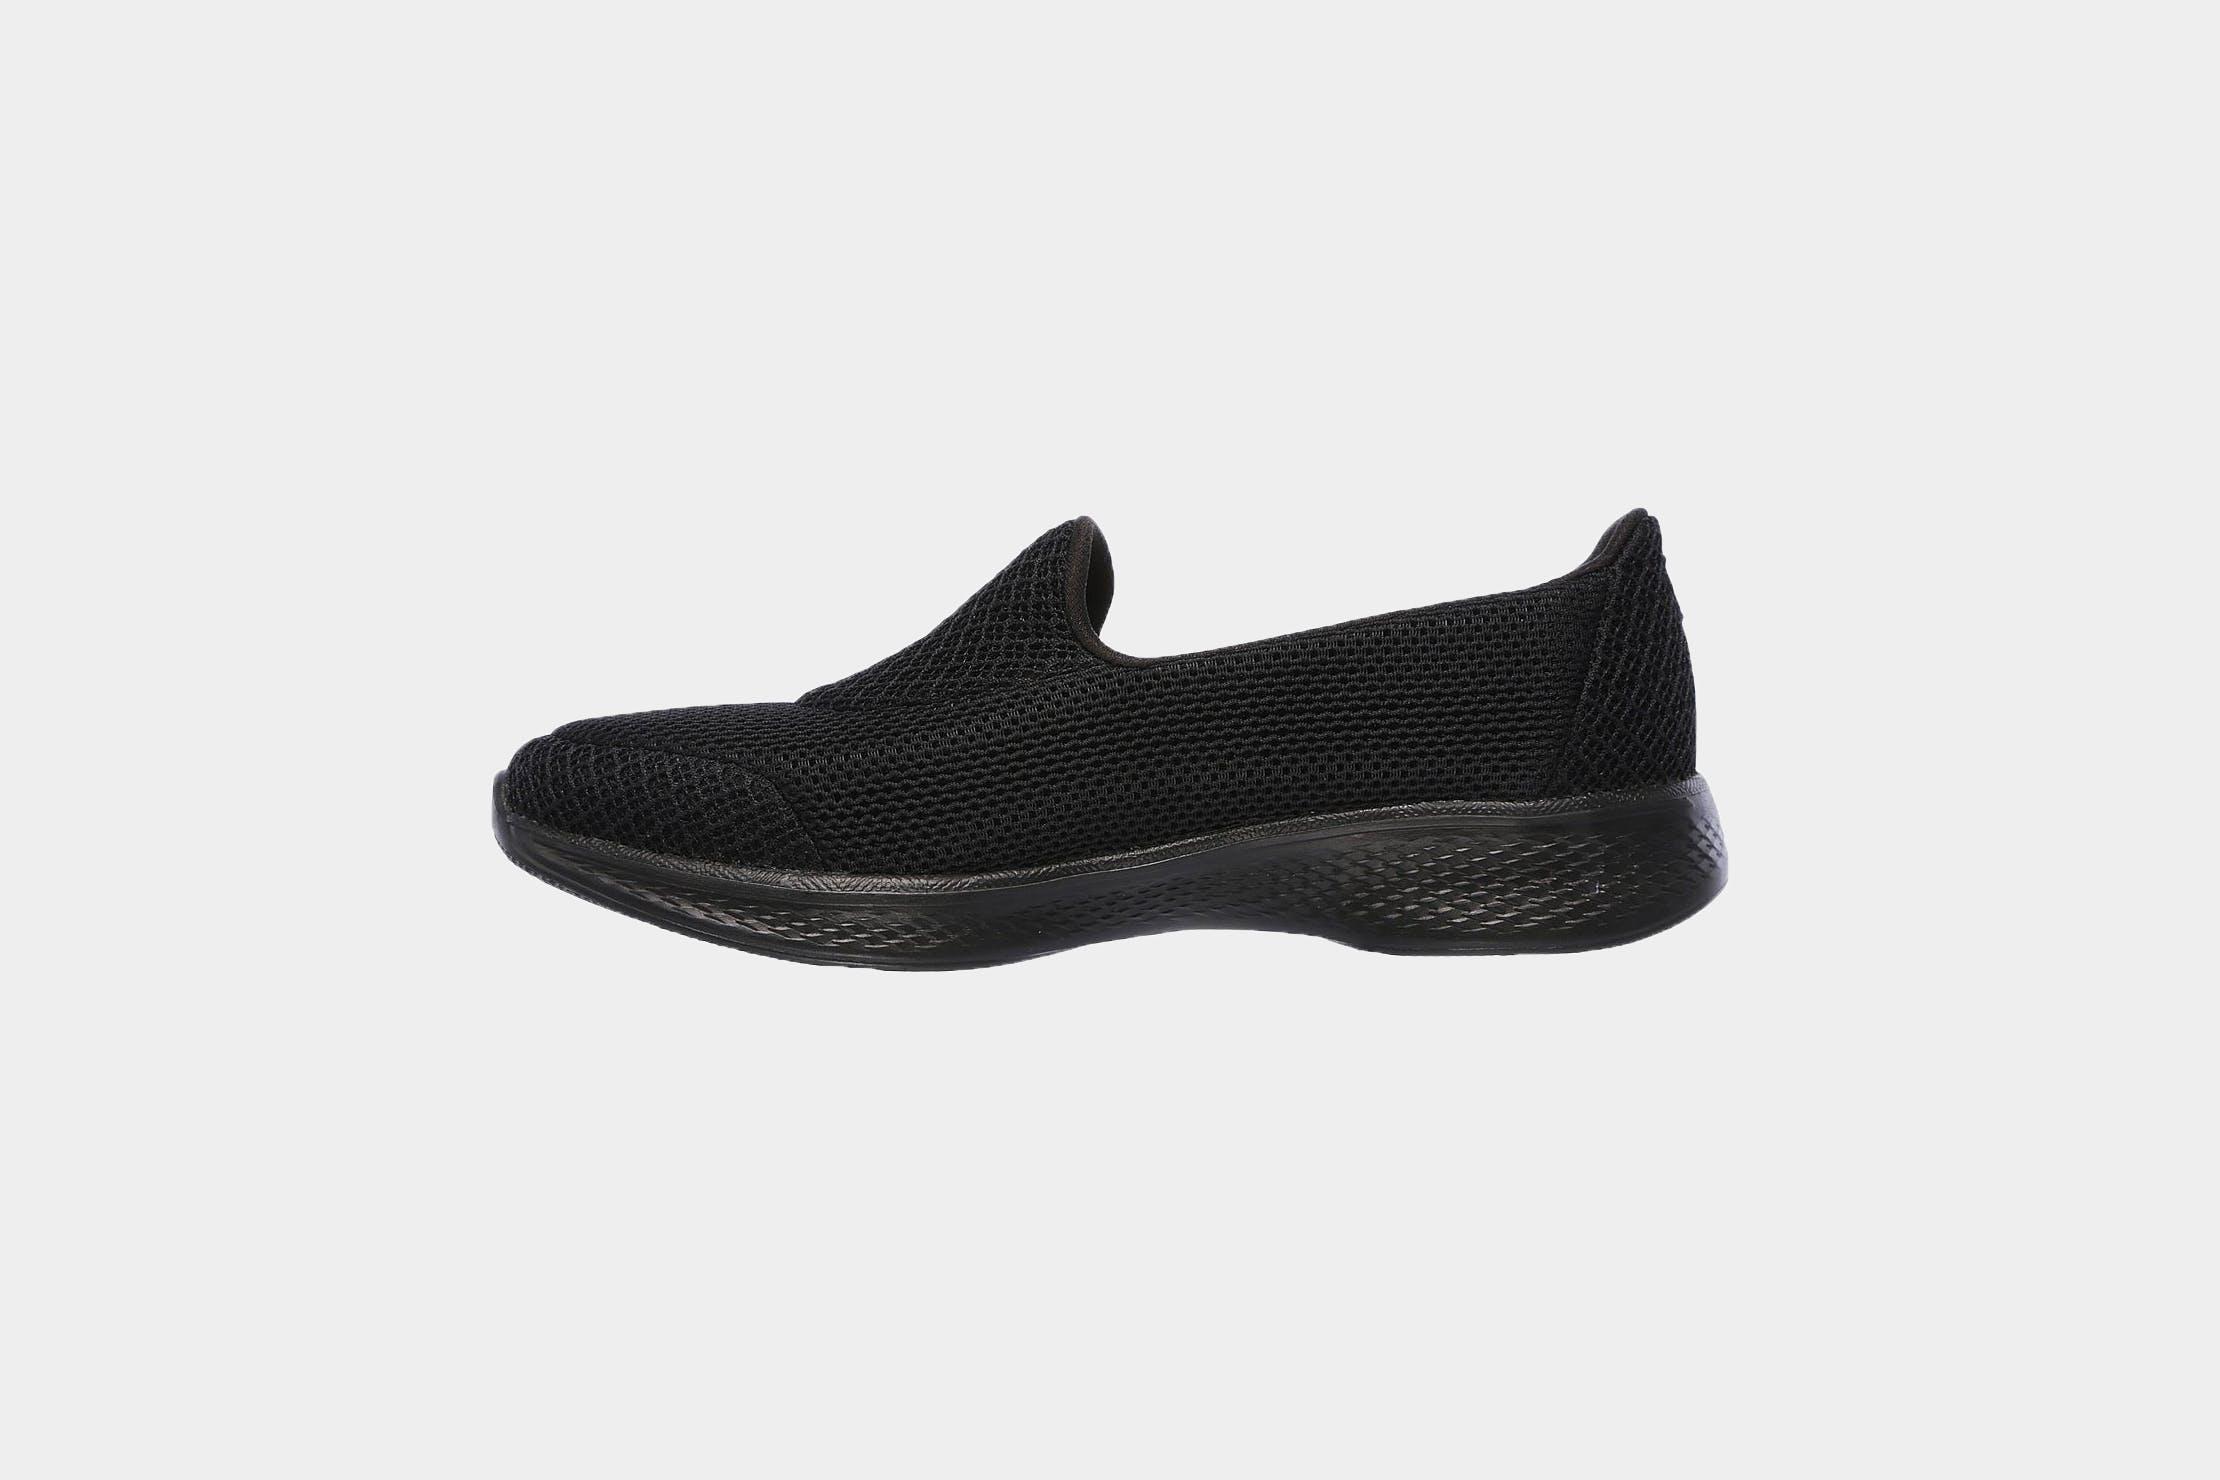 6e6afdc4e2c2 Skechers GOwalk 4 Travel Shoes Review